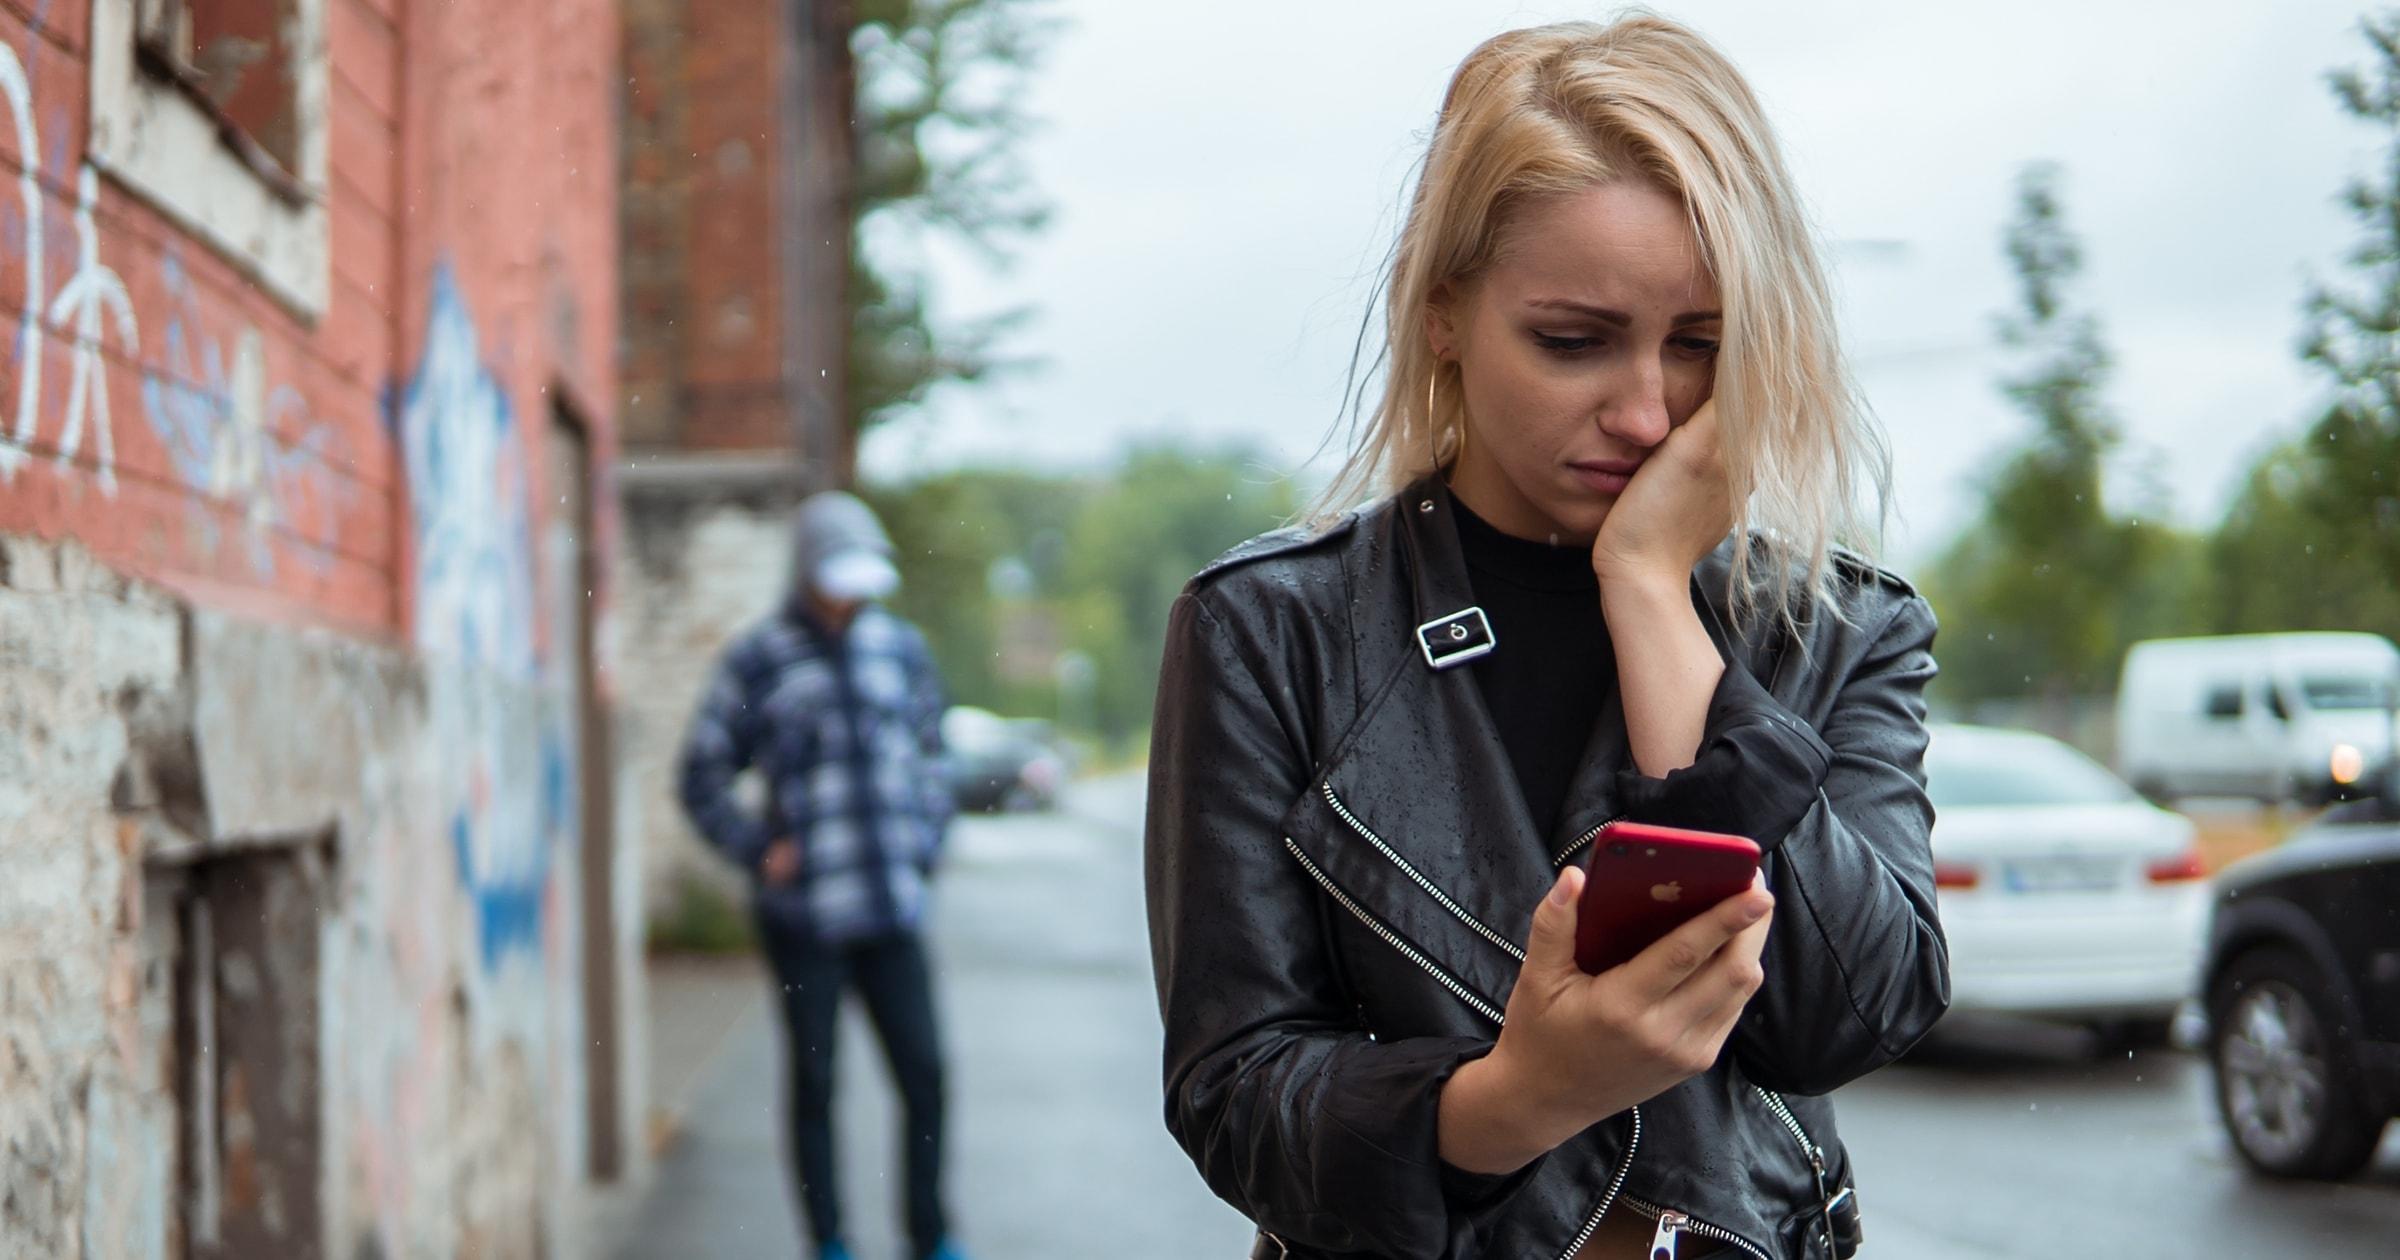 iphone, kasutatud iphone, iphone müük, kasutatud iphone müük, garantii kasutatud iphone, mobipunkt, iphone garantii,